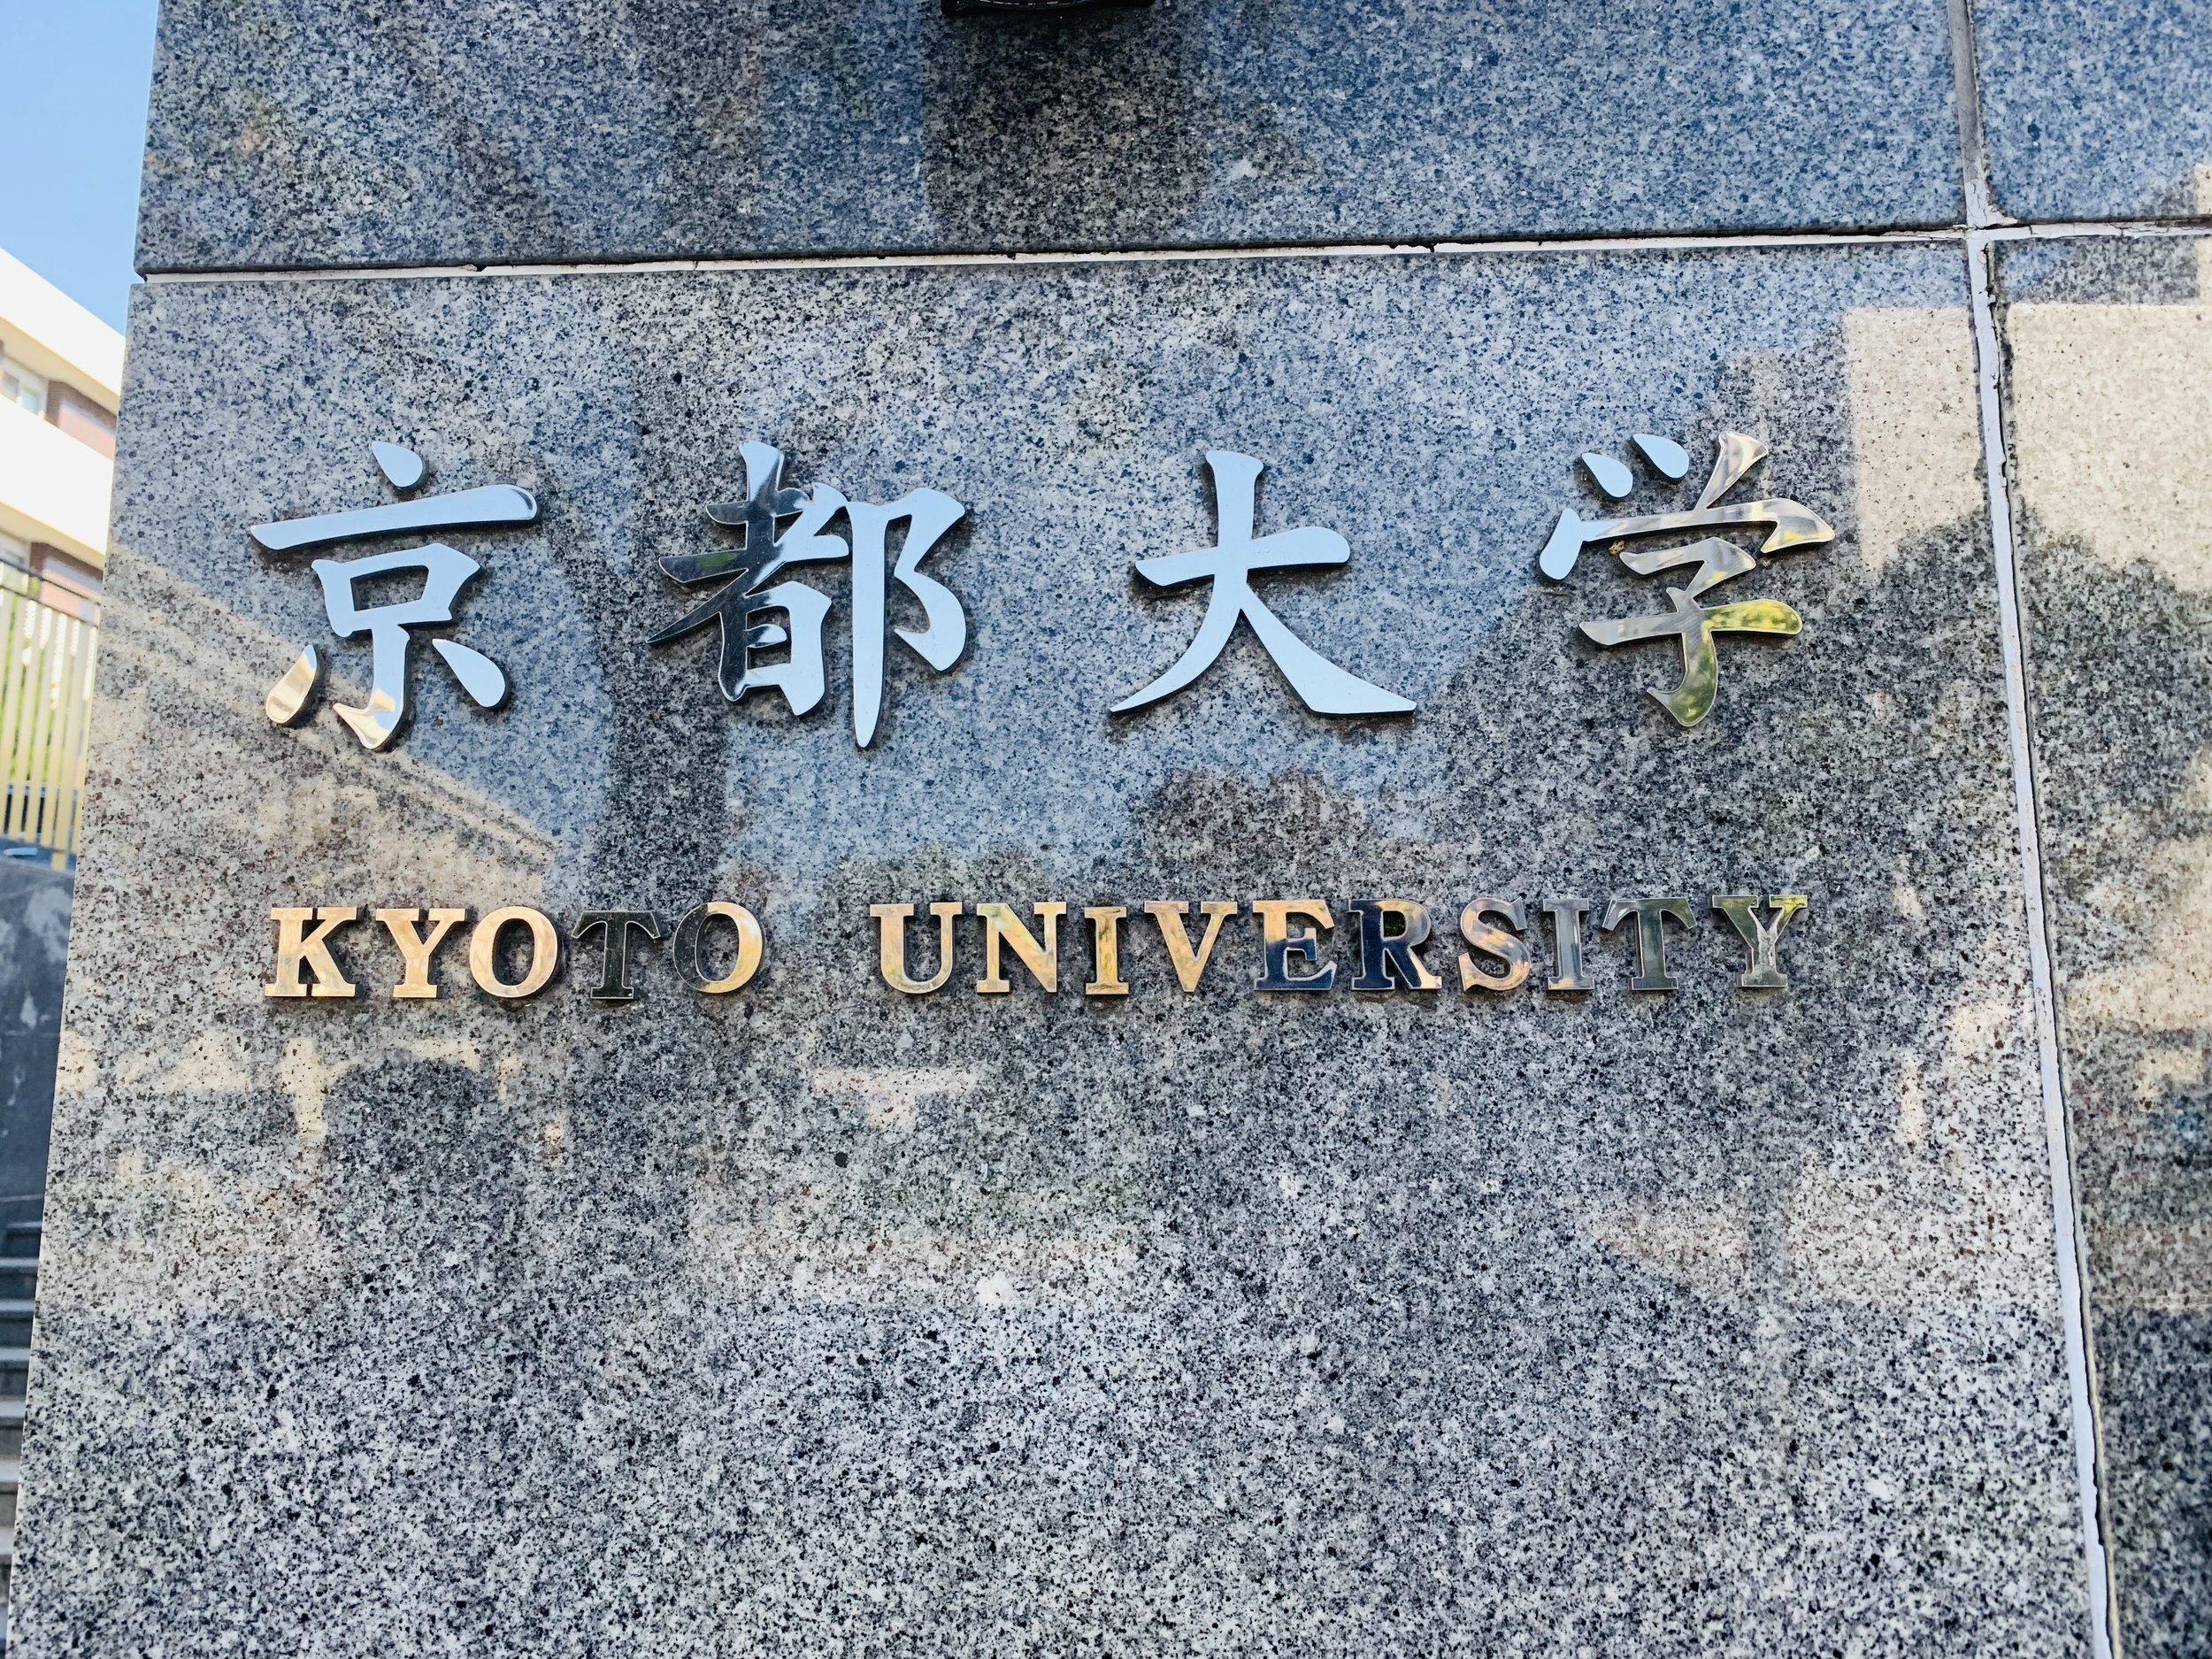 Kyoto University 4.jpg